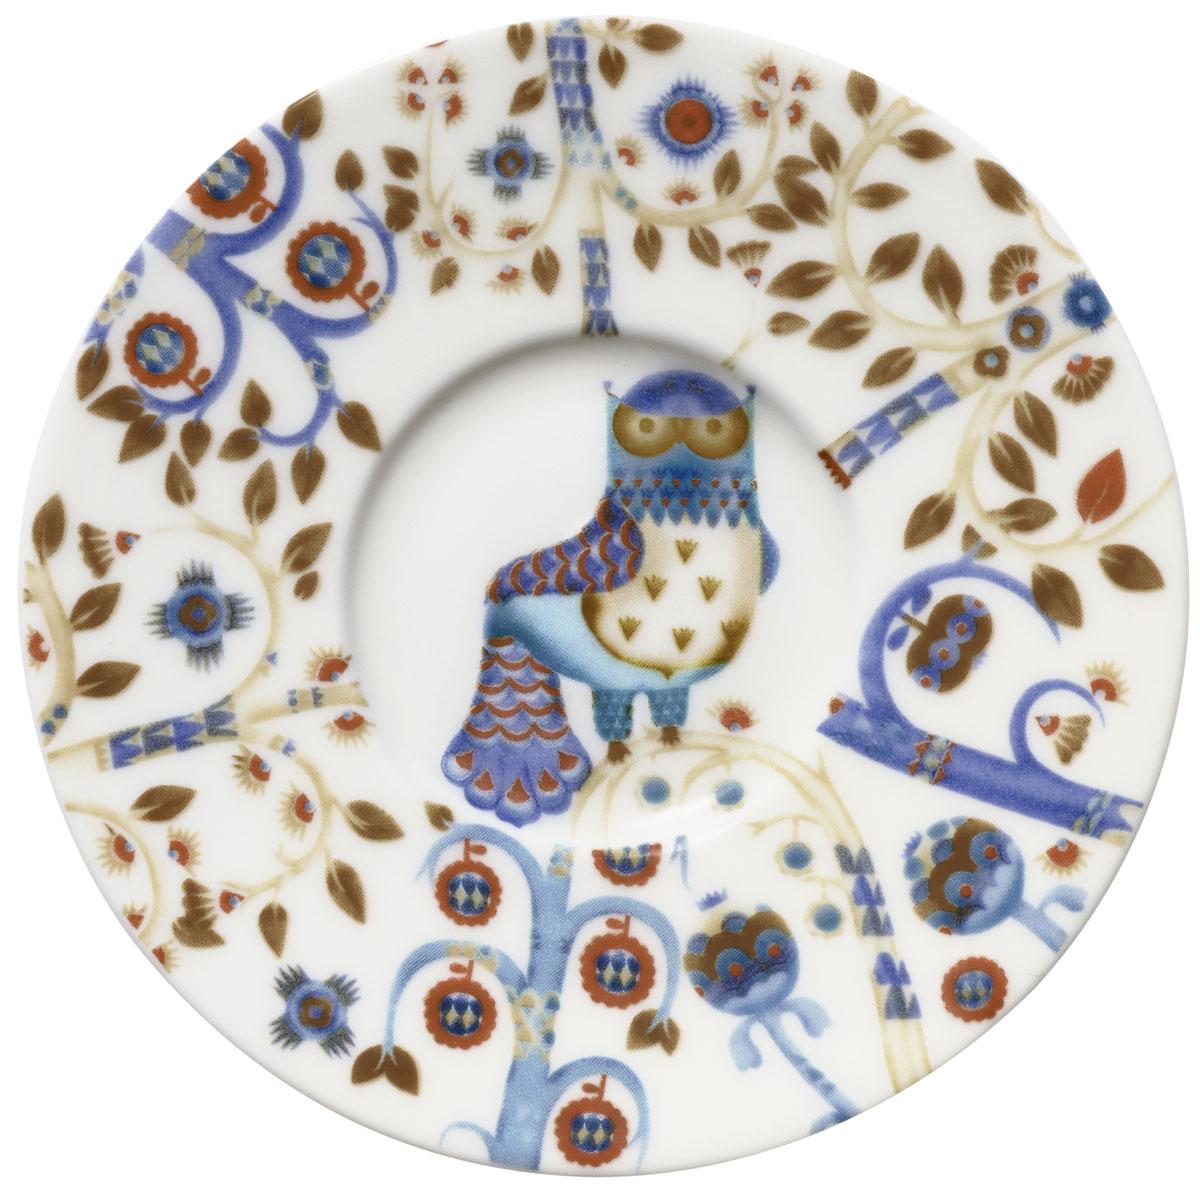 Блюдце Iittala Taika, для кофейной чашки, цвет: белый, диаметр 11 смLCS053/2/PF-SE-ALБлюдце для кофейной чашки Iittala Taika выполнено из качественного жароустойчивого прочного фарфора с долговечным стекловидным эмалевым покрытием.Можно мыть в посудомоечной машине. Диаметр: 11 см.